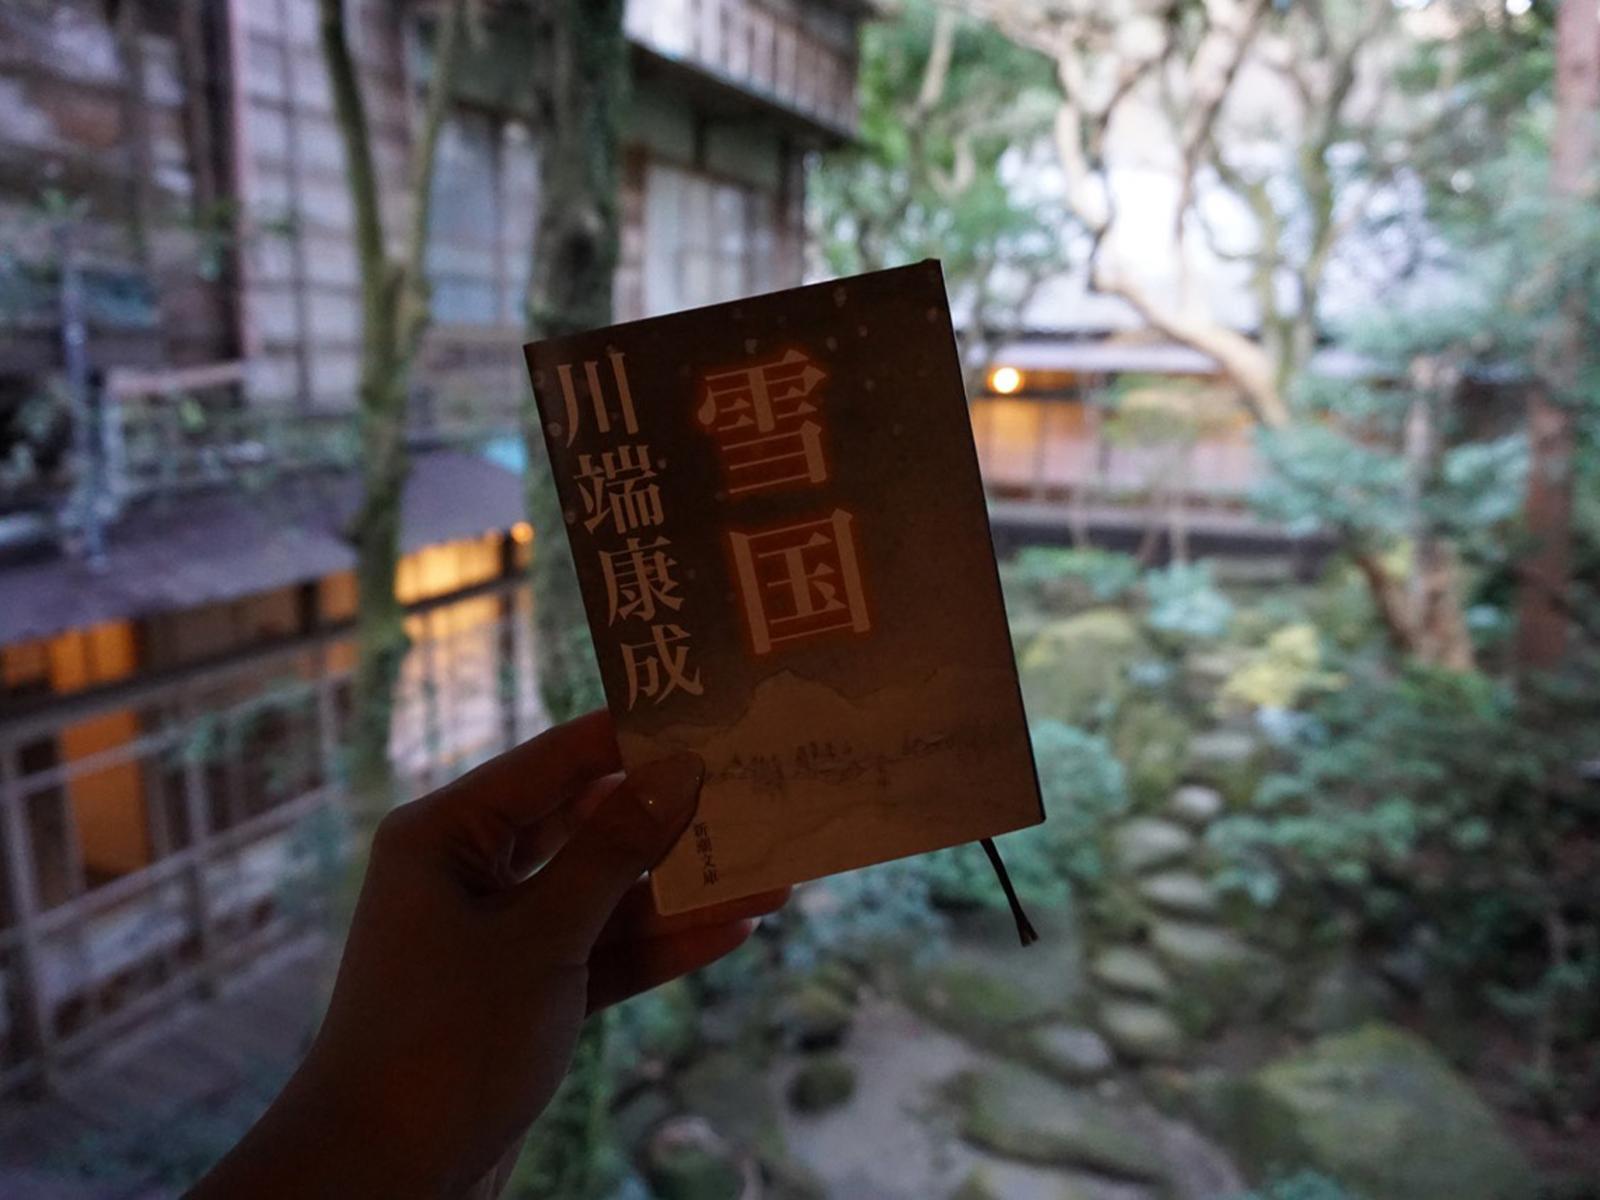 川端康成が執筆活動の際に泊まったというお部屋